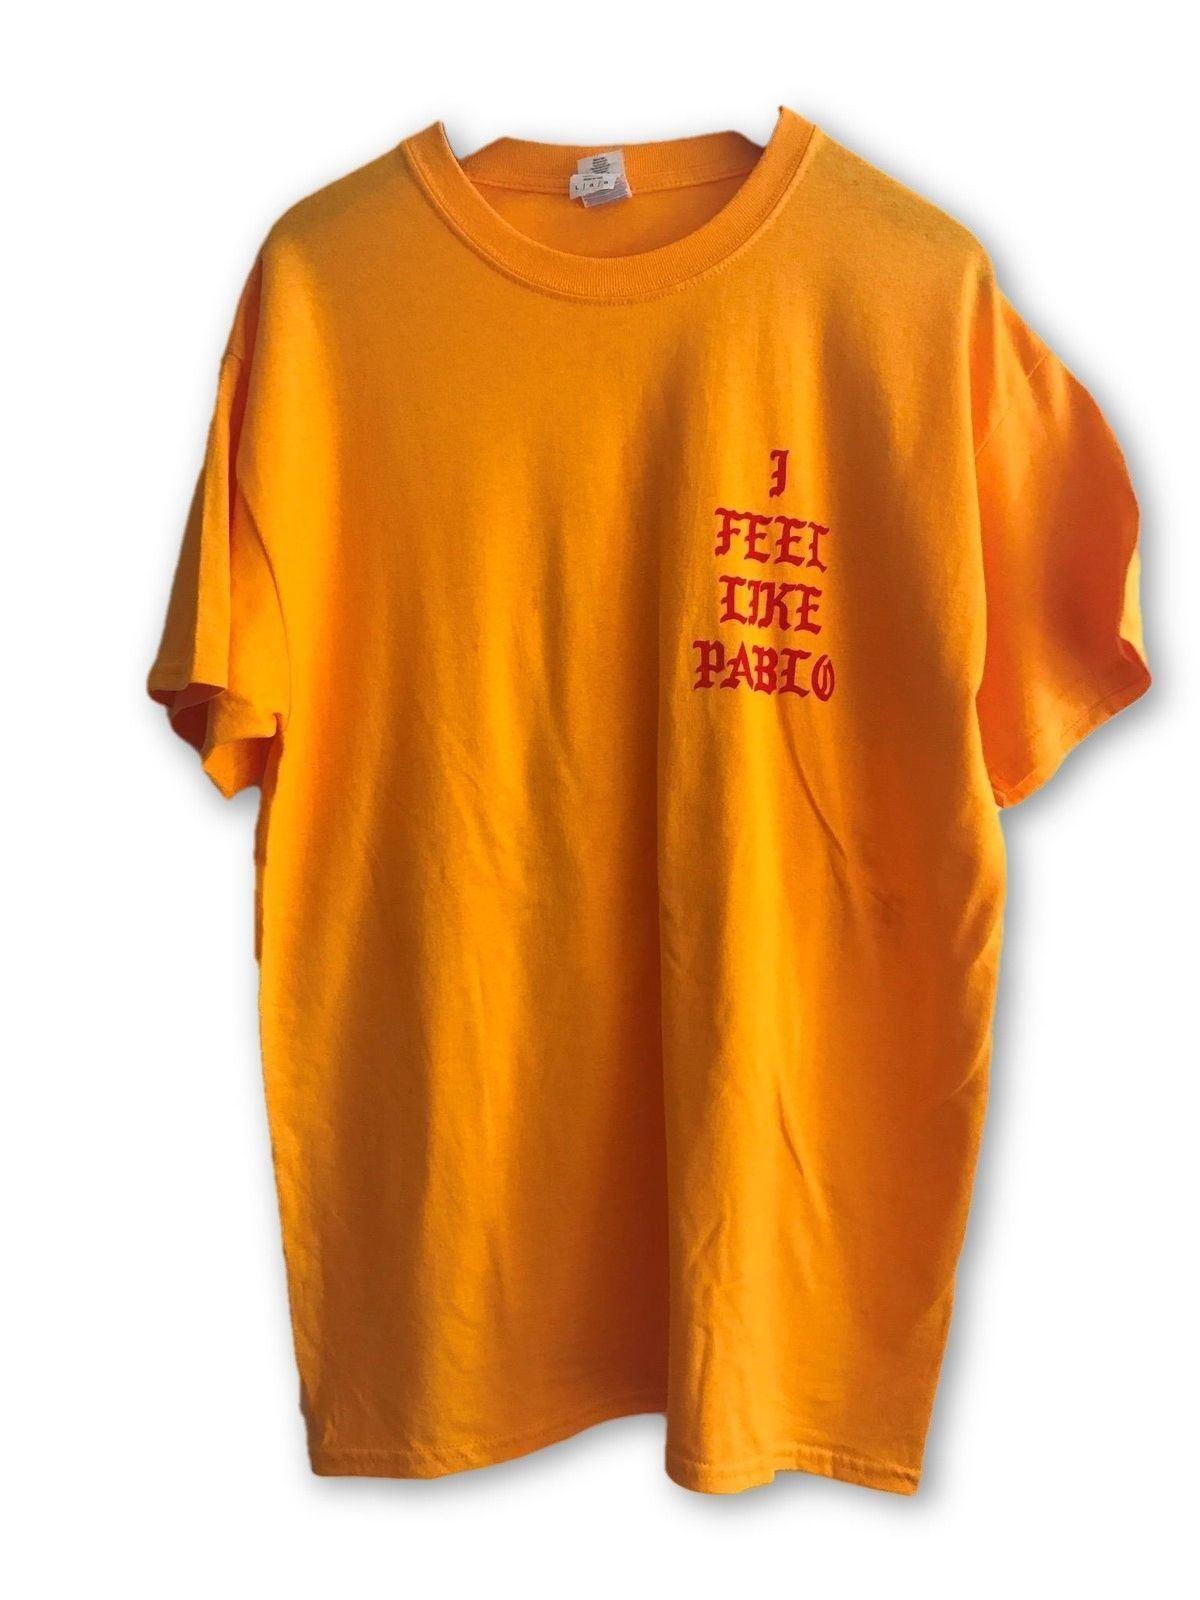 Kanye West Yeezy Life Of Pablo Gelb Short Sleeve Shirt Medium